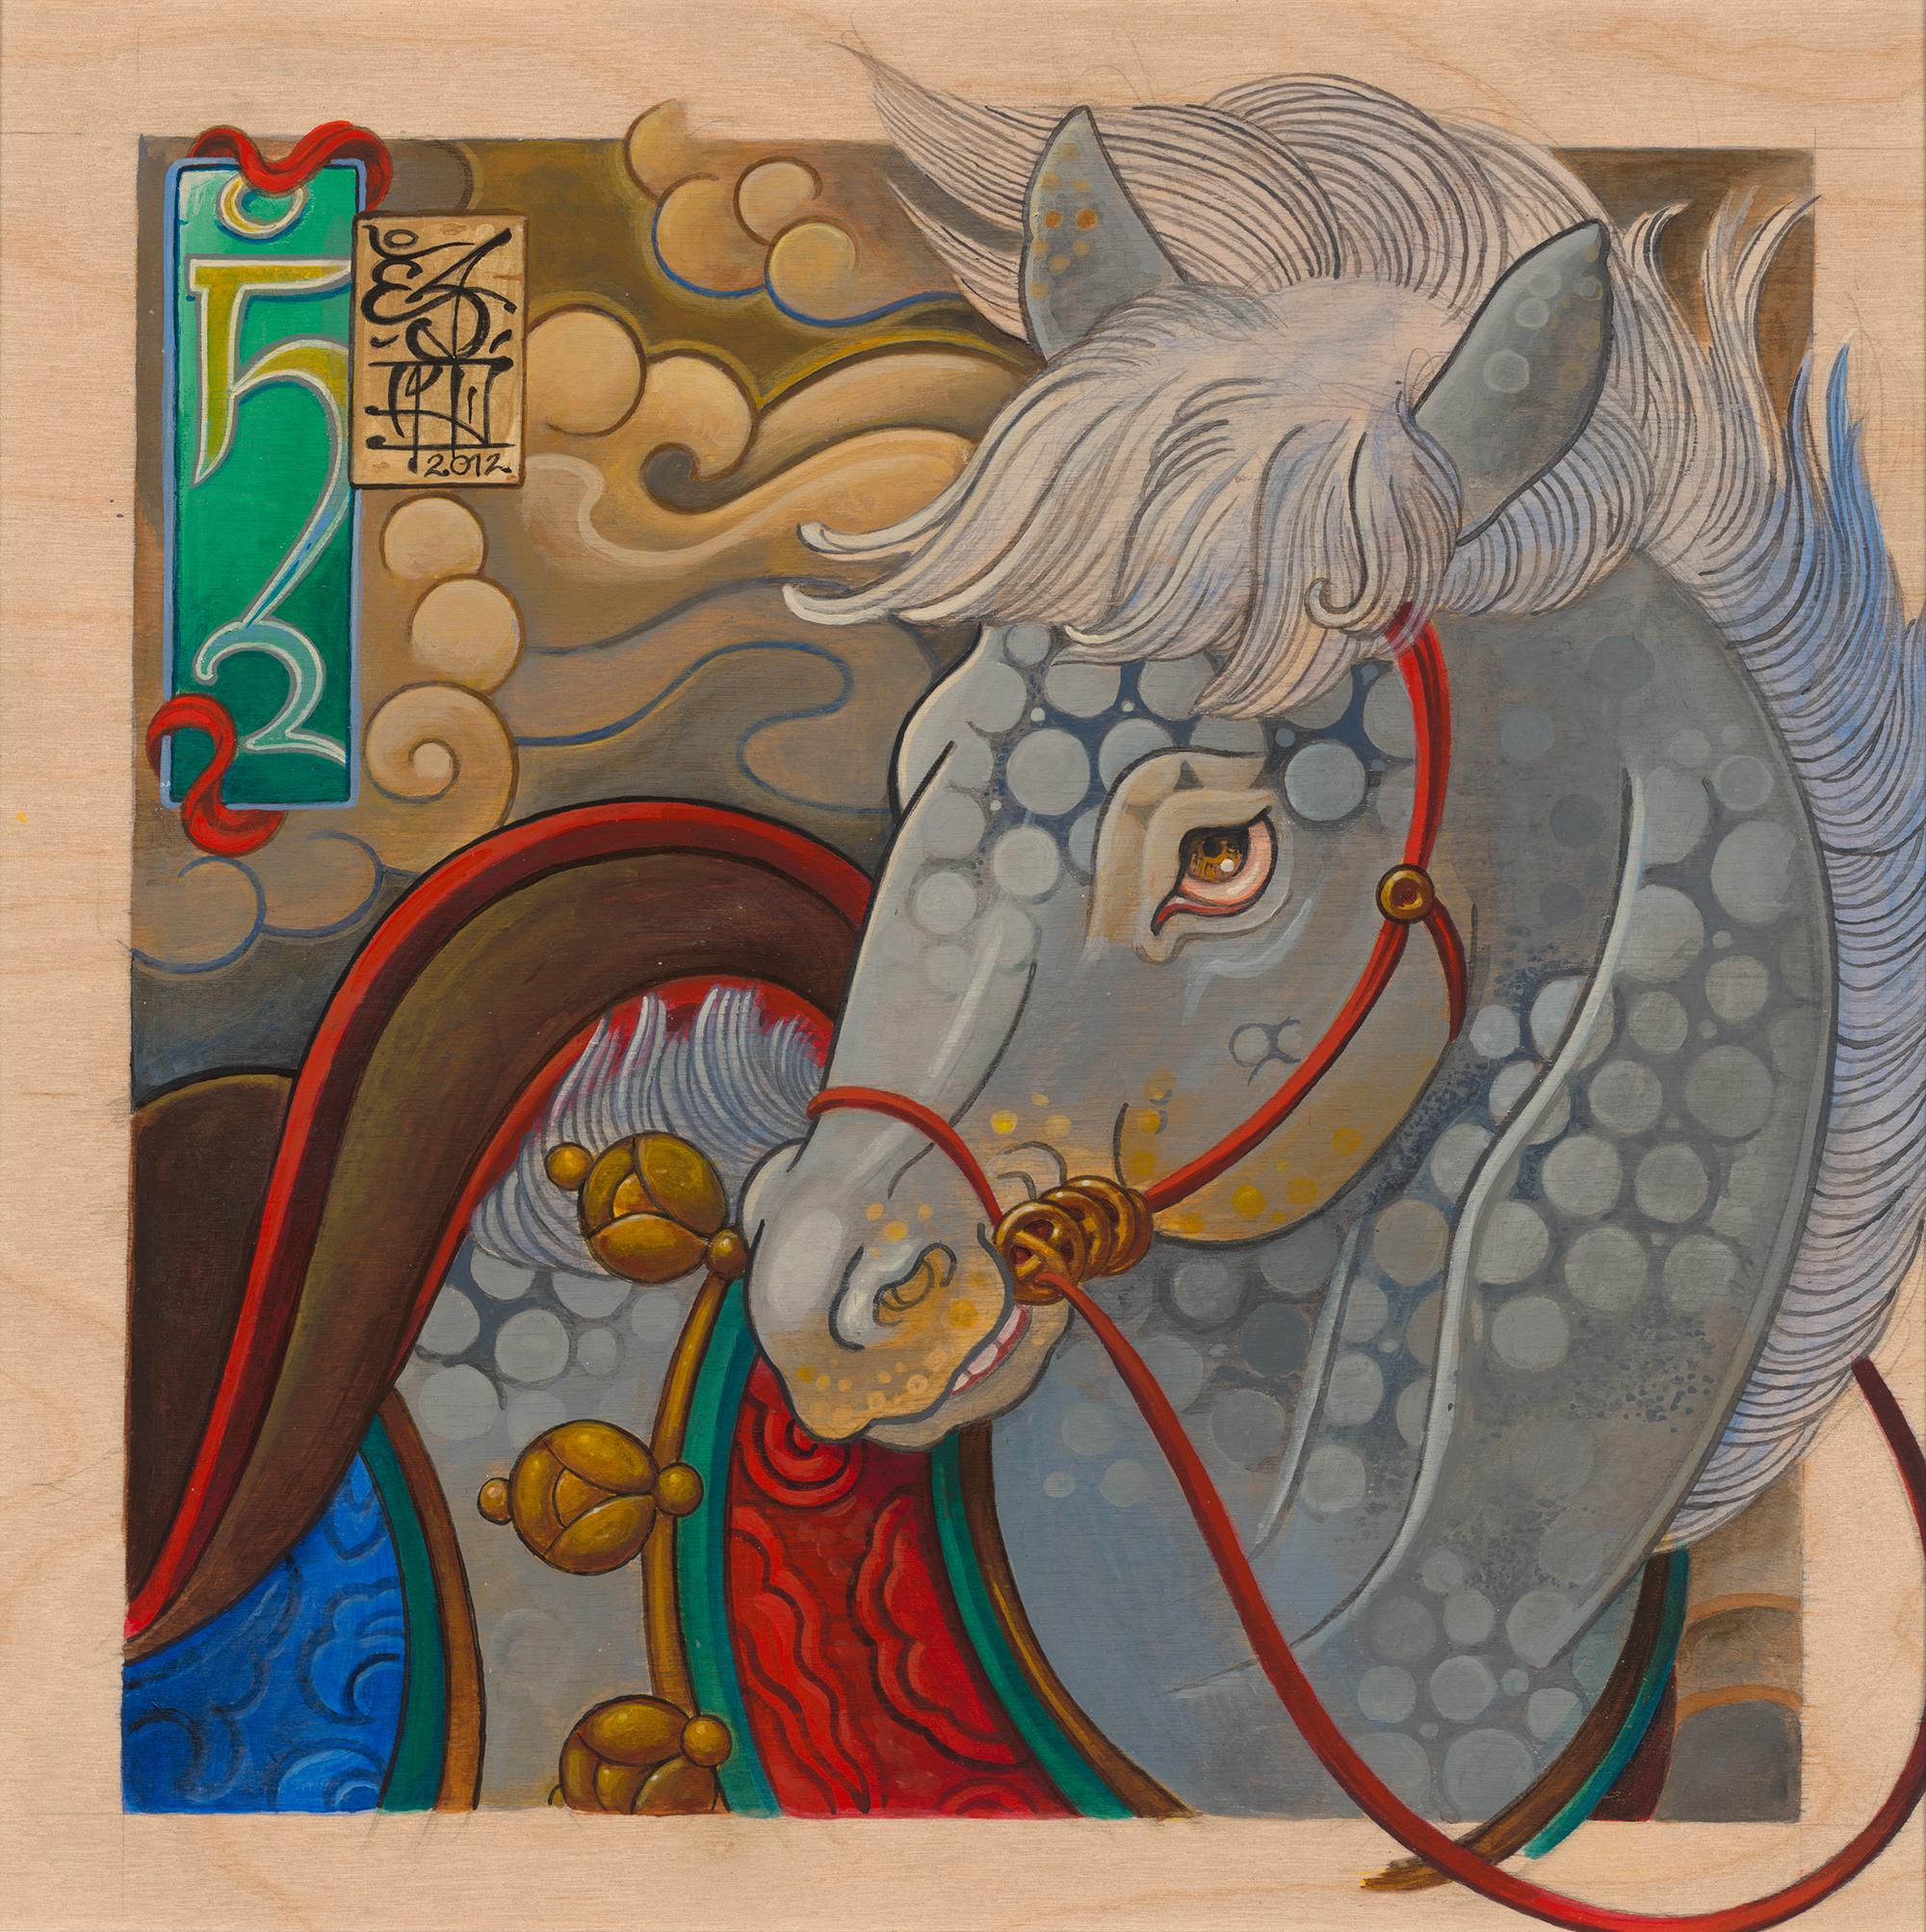 Espi.  Windhorse . 2012 - acrylic on wood, 1' x 1'.